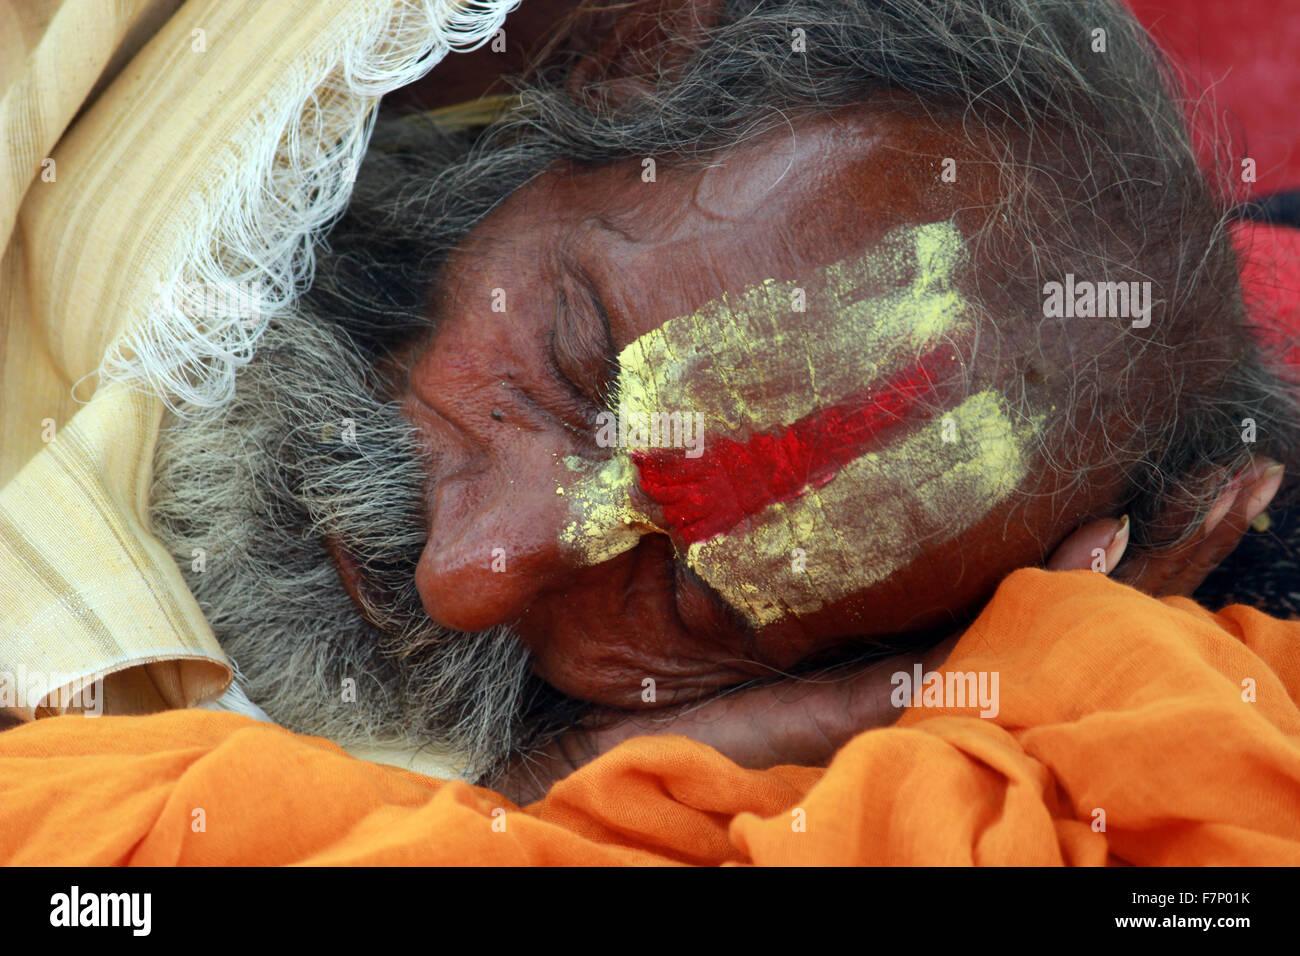 Sadhu with painted forehead sleeping Kumbh Mela, Nasik, Maharashtra, India - Stock Image